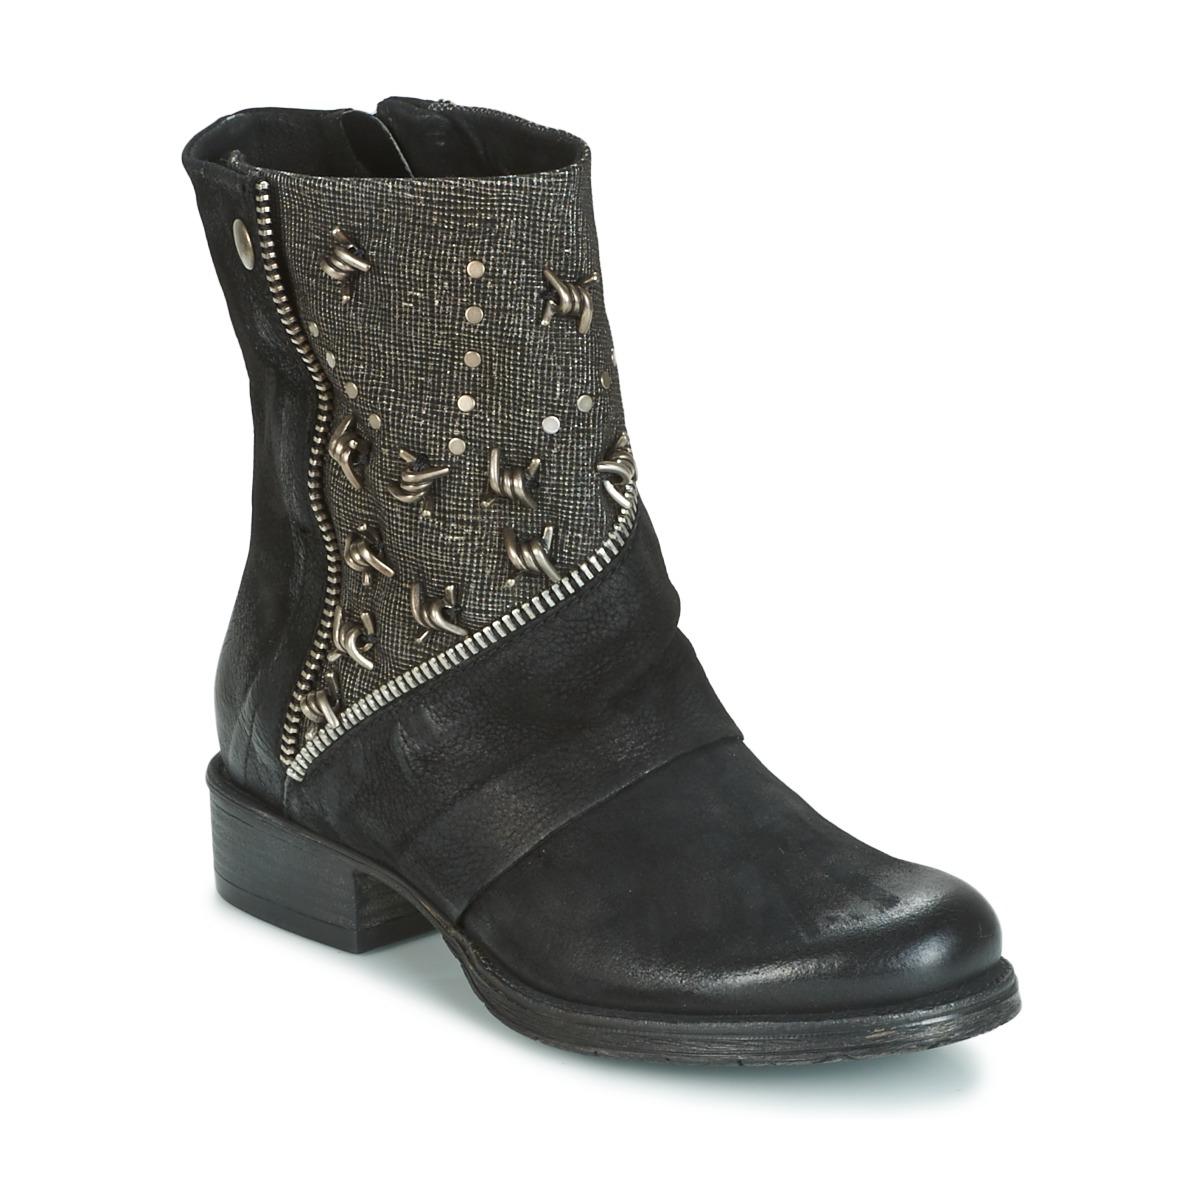 Dream in Green HOULA Schwarz - Kostenloser Versand bei Spartoode ! - Schuhe Boots Damen 83,40 €